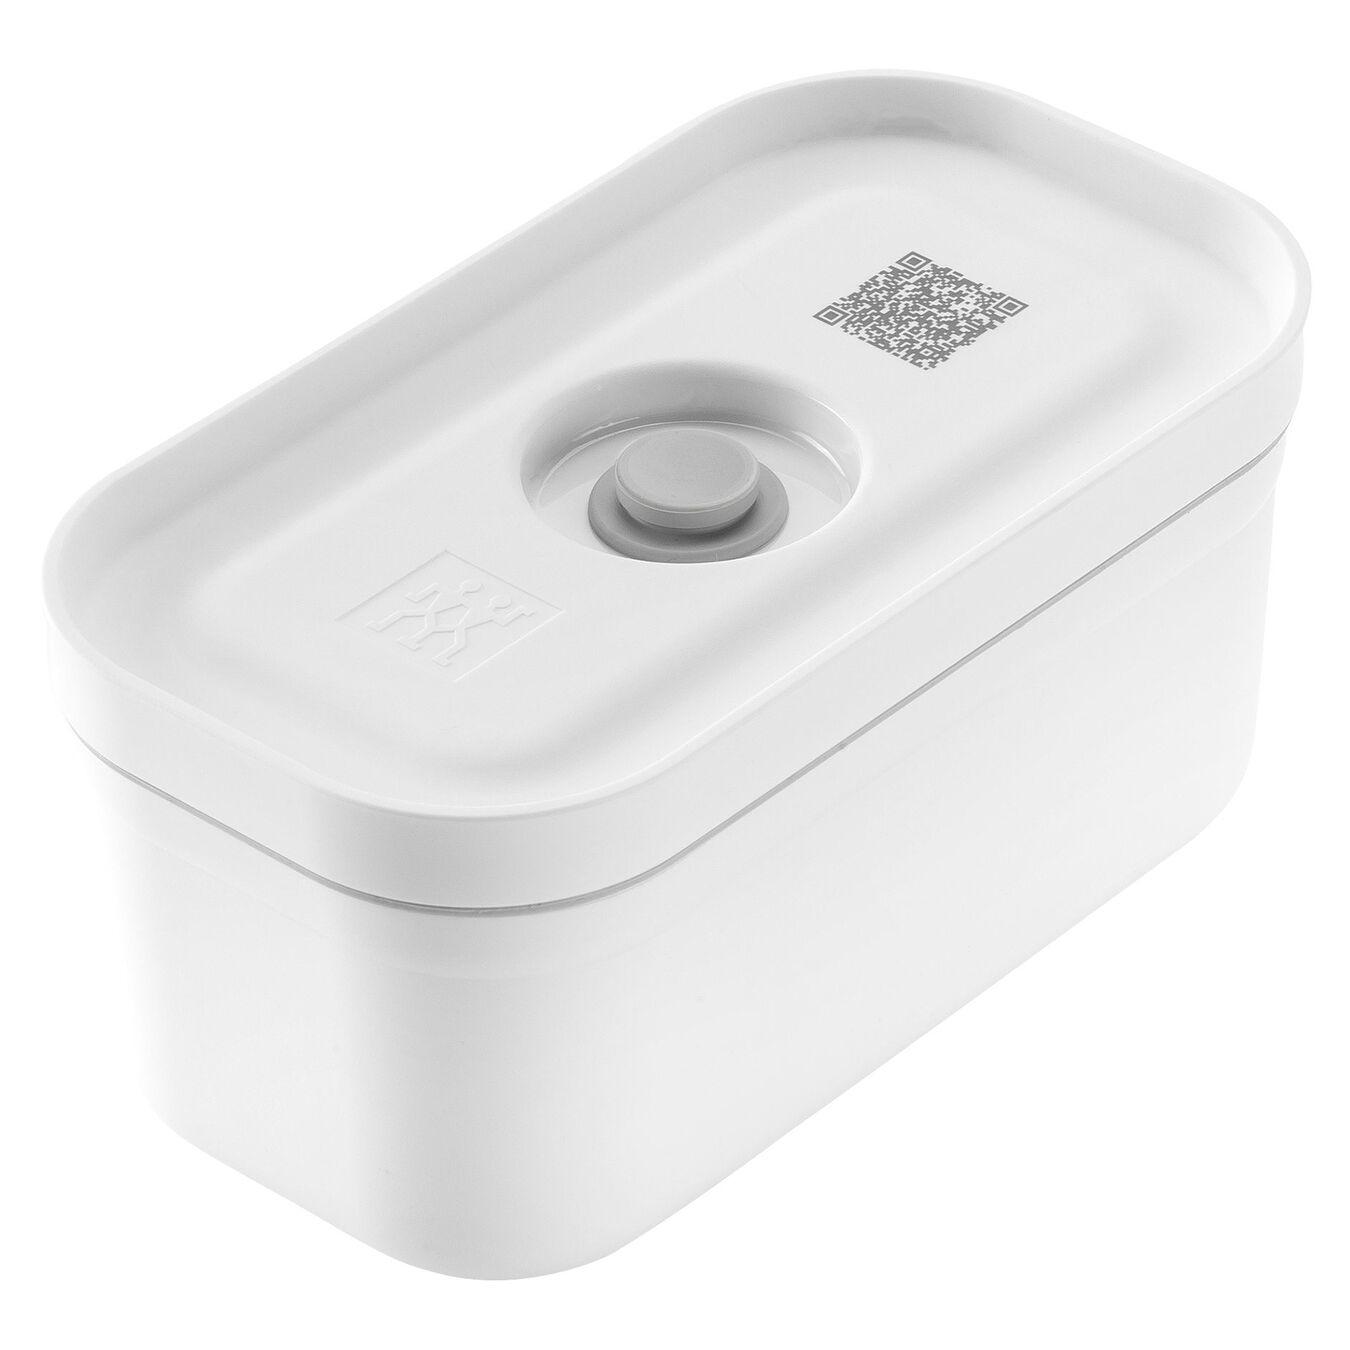 Lunch box sottovuoto - S, plastica,,large 1